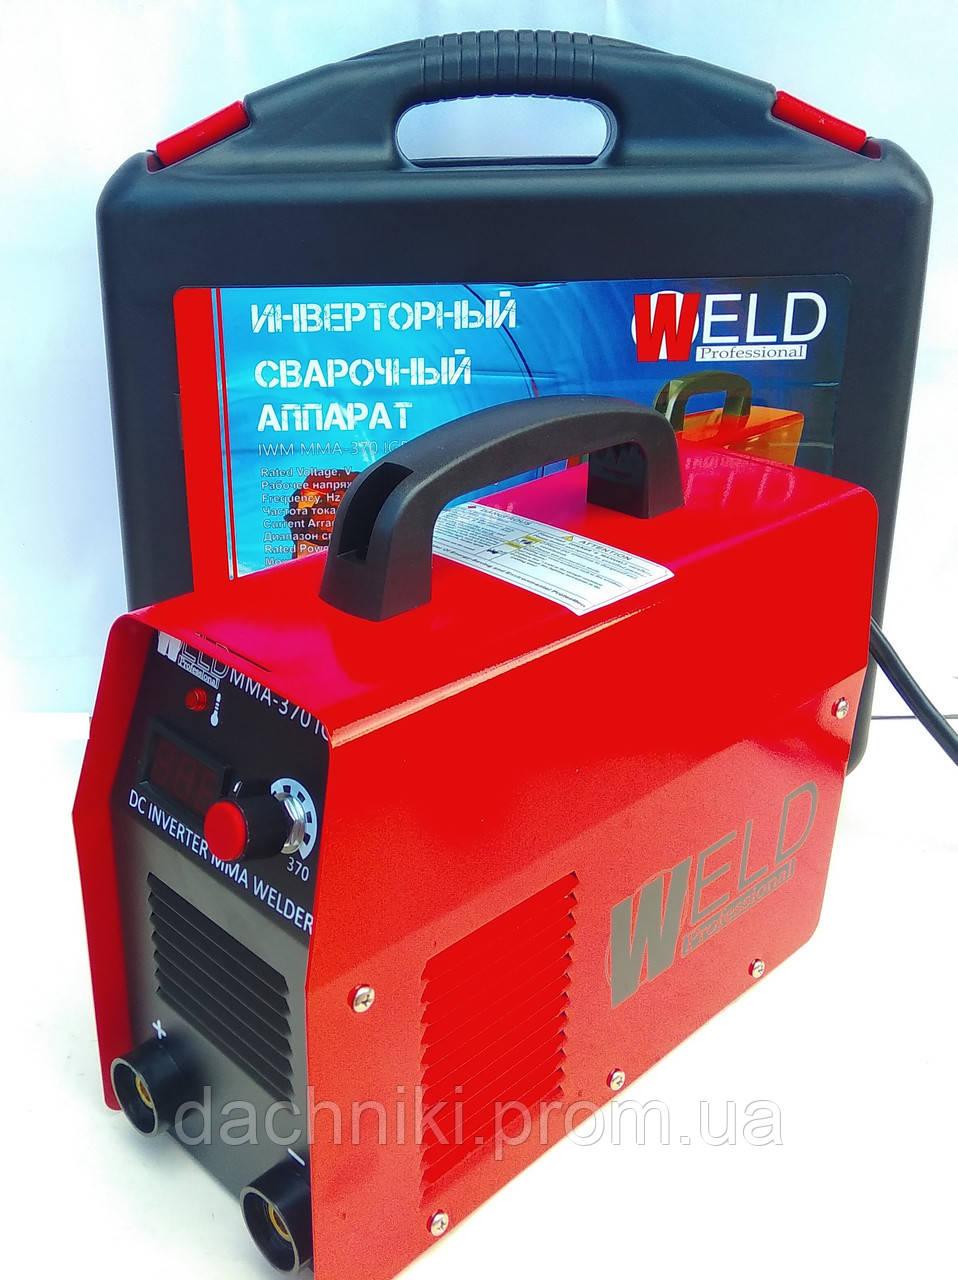 Инверторный сварочный аппарат Weld IWM MMA-370N IGTB в кейсе с электронным табло